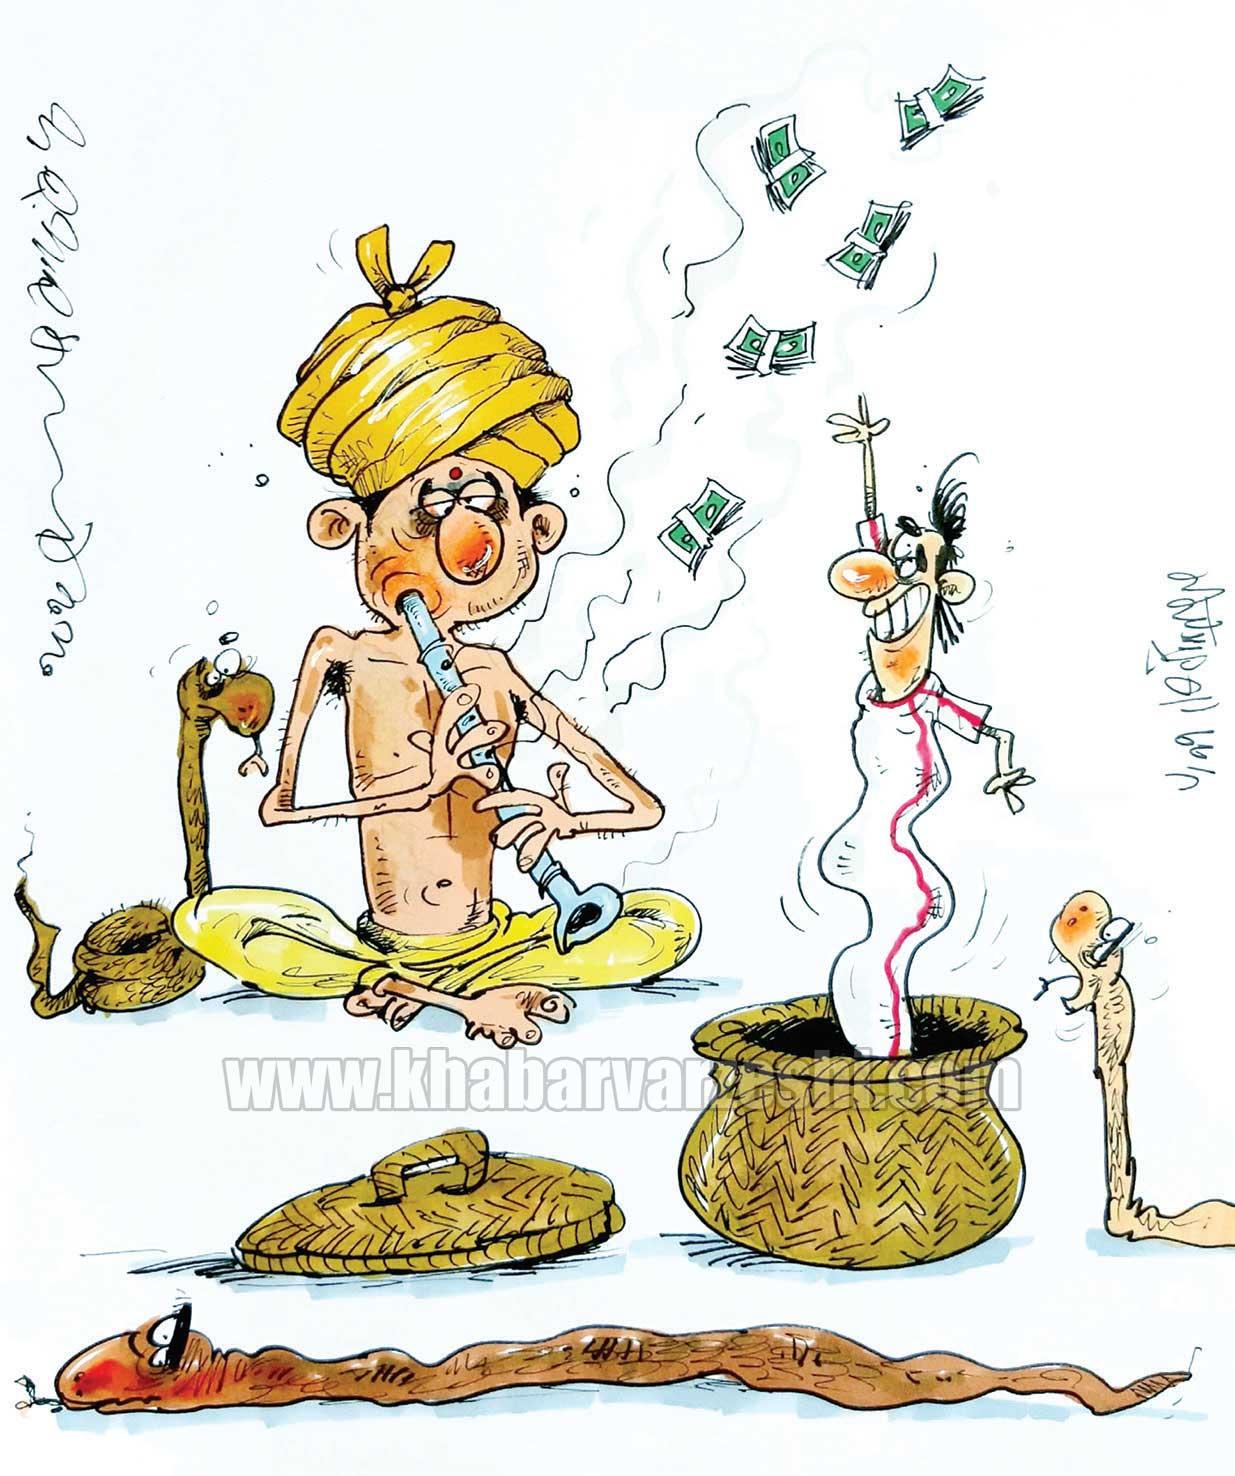 کارتون/ کوچ به هند برای یک مشت دلار!